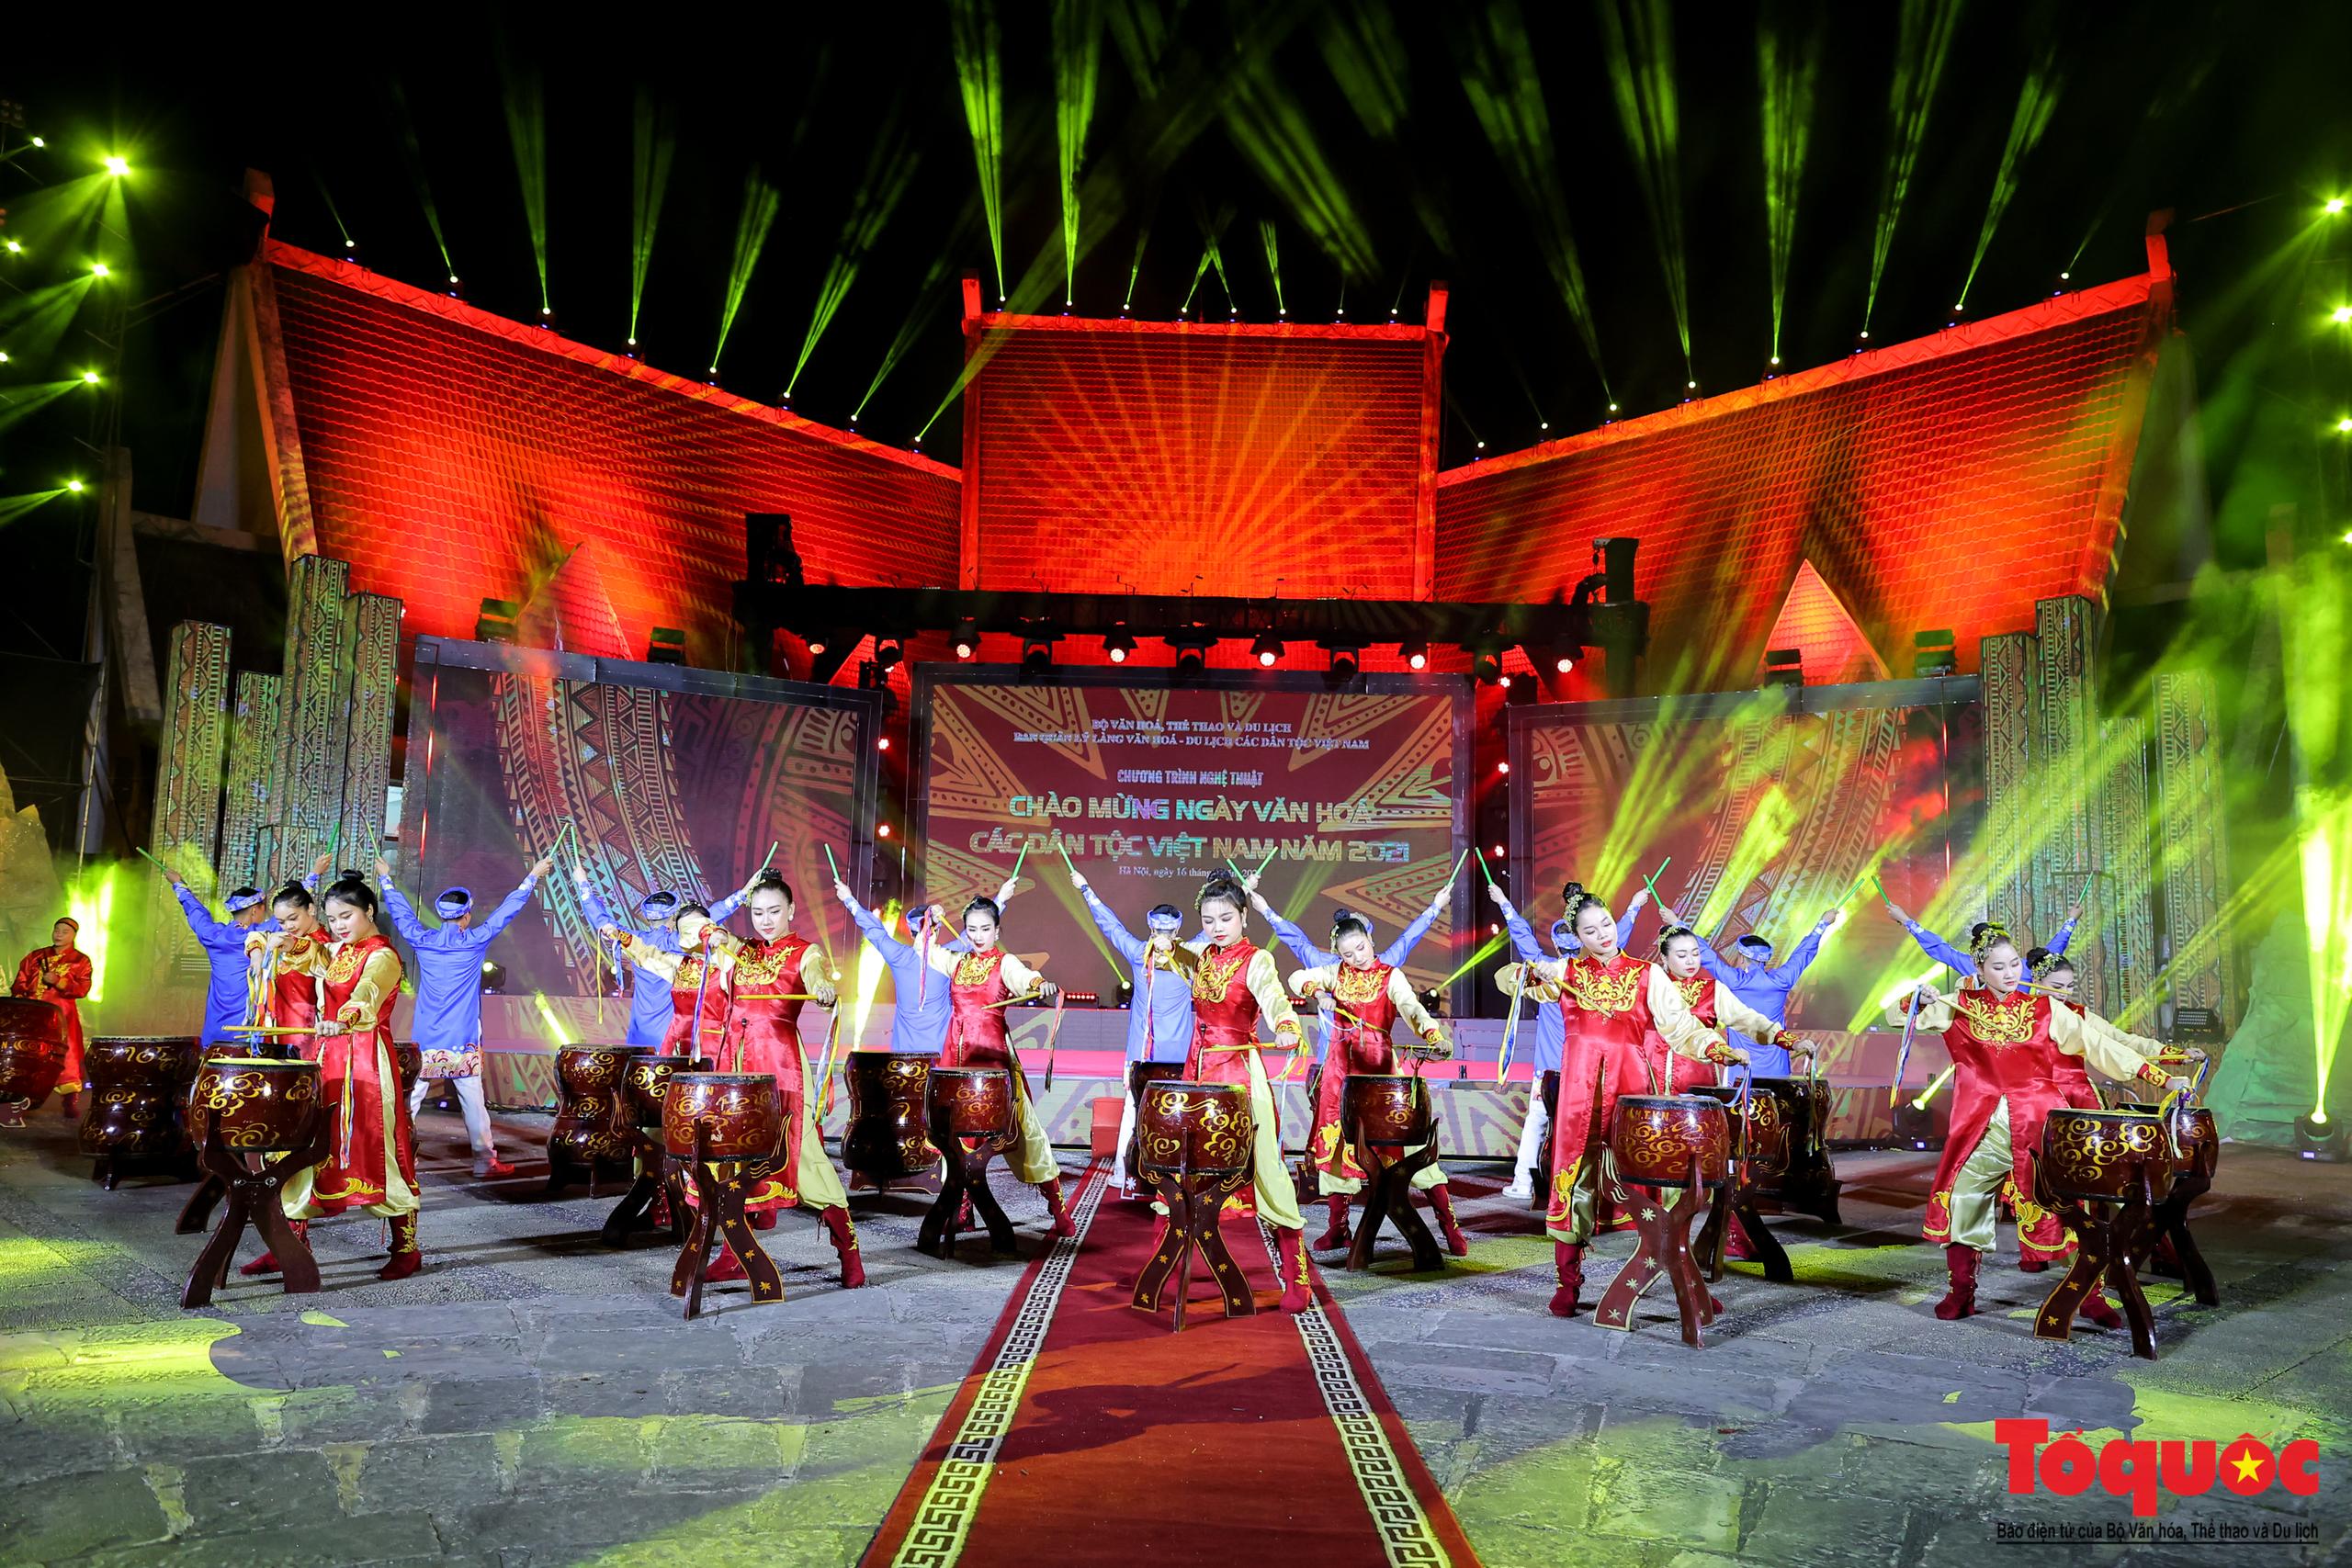 """(Chùm ảnh) Chương trình nghệ thuật đặc sắc """"Văn hoá các dân tộc – Hội tụ và phát triển"""" chào mừng Ngày Văn hoá các dân tộc Việt Nam 2021 - Ảnh 4."""